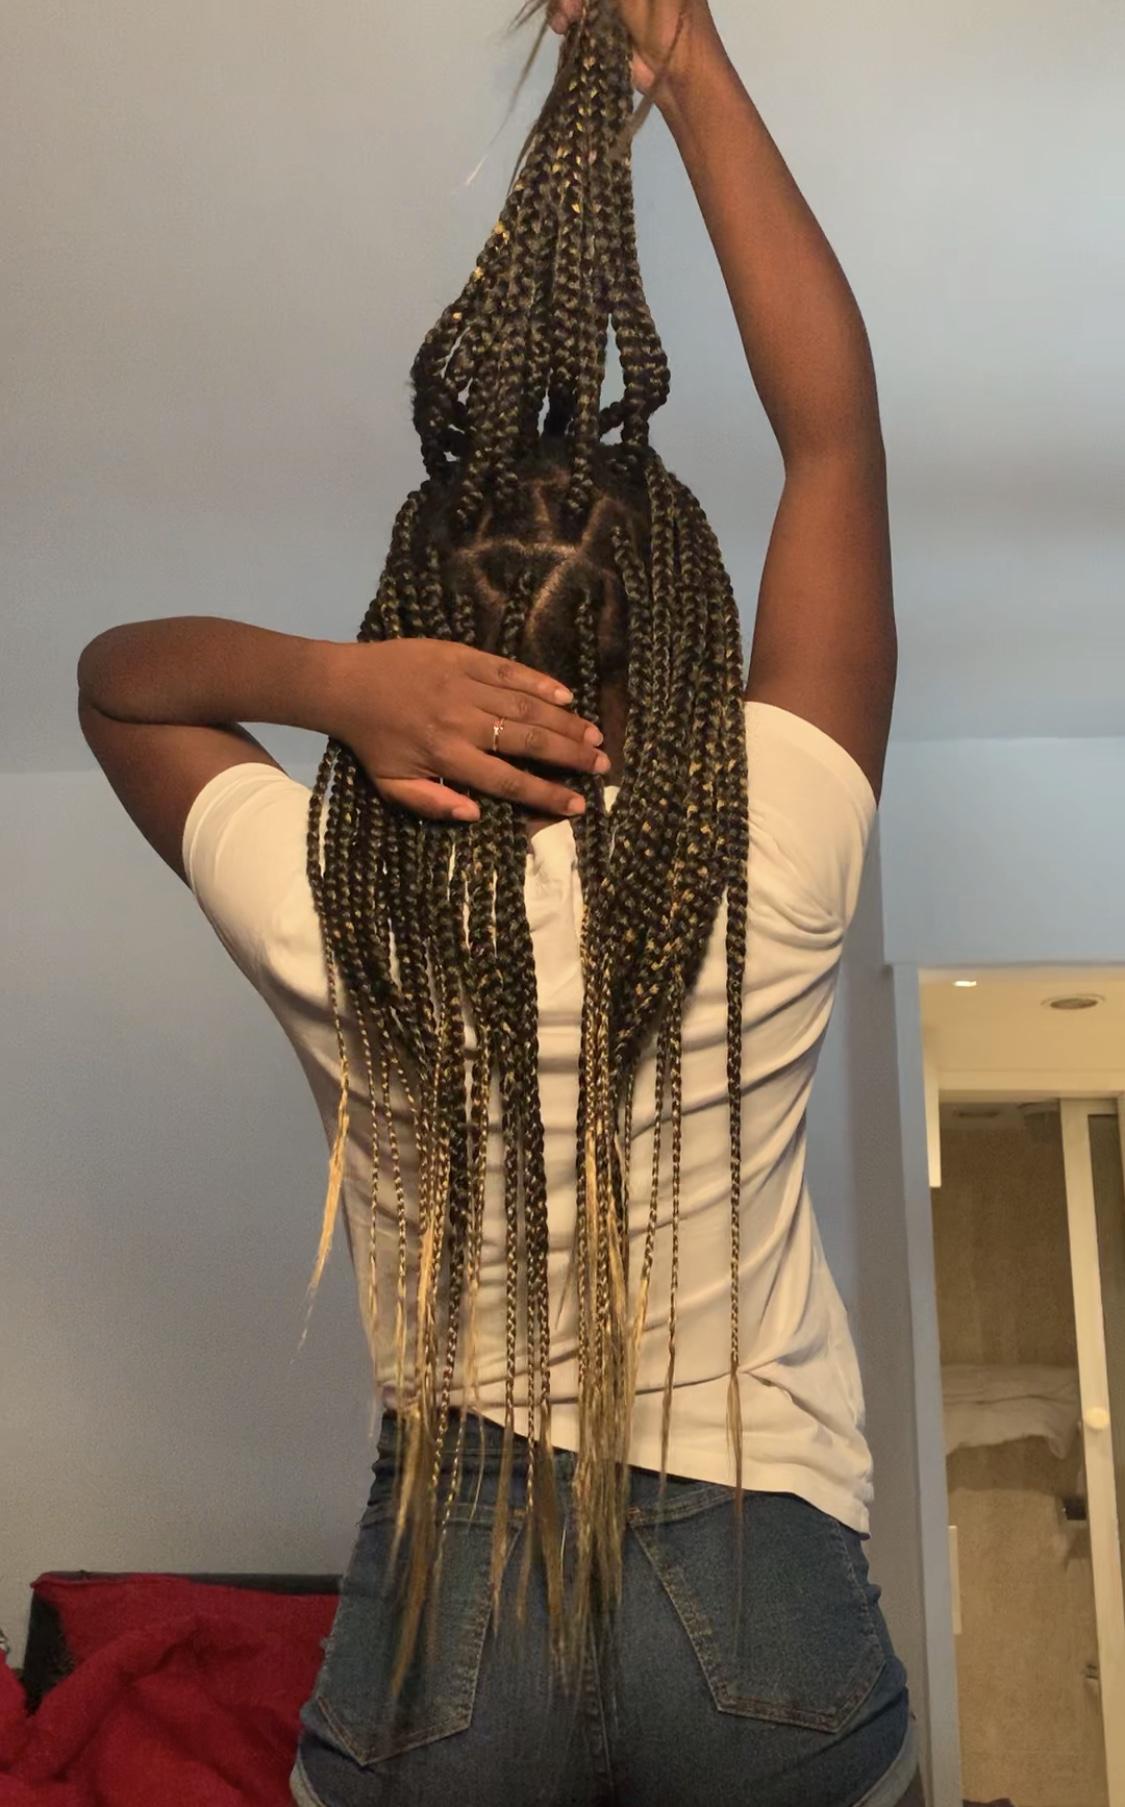 salon de coiffure afro tresse tresses box braids crochet braids vanilles tissages paris 75 77 78 91 92 93 94 95 SBUQSIHH